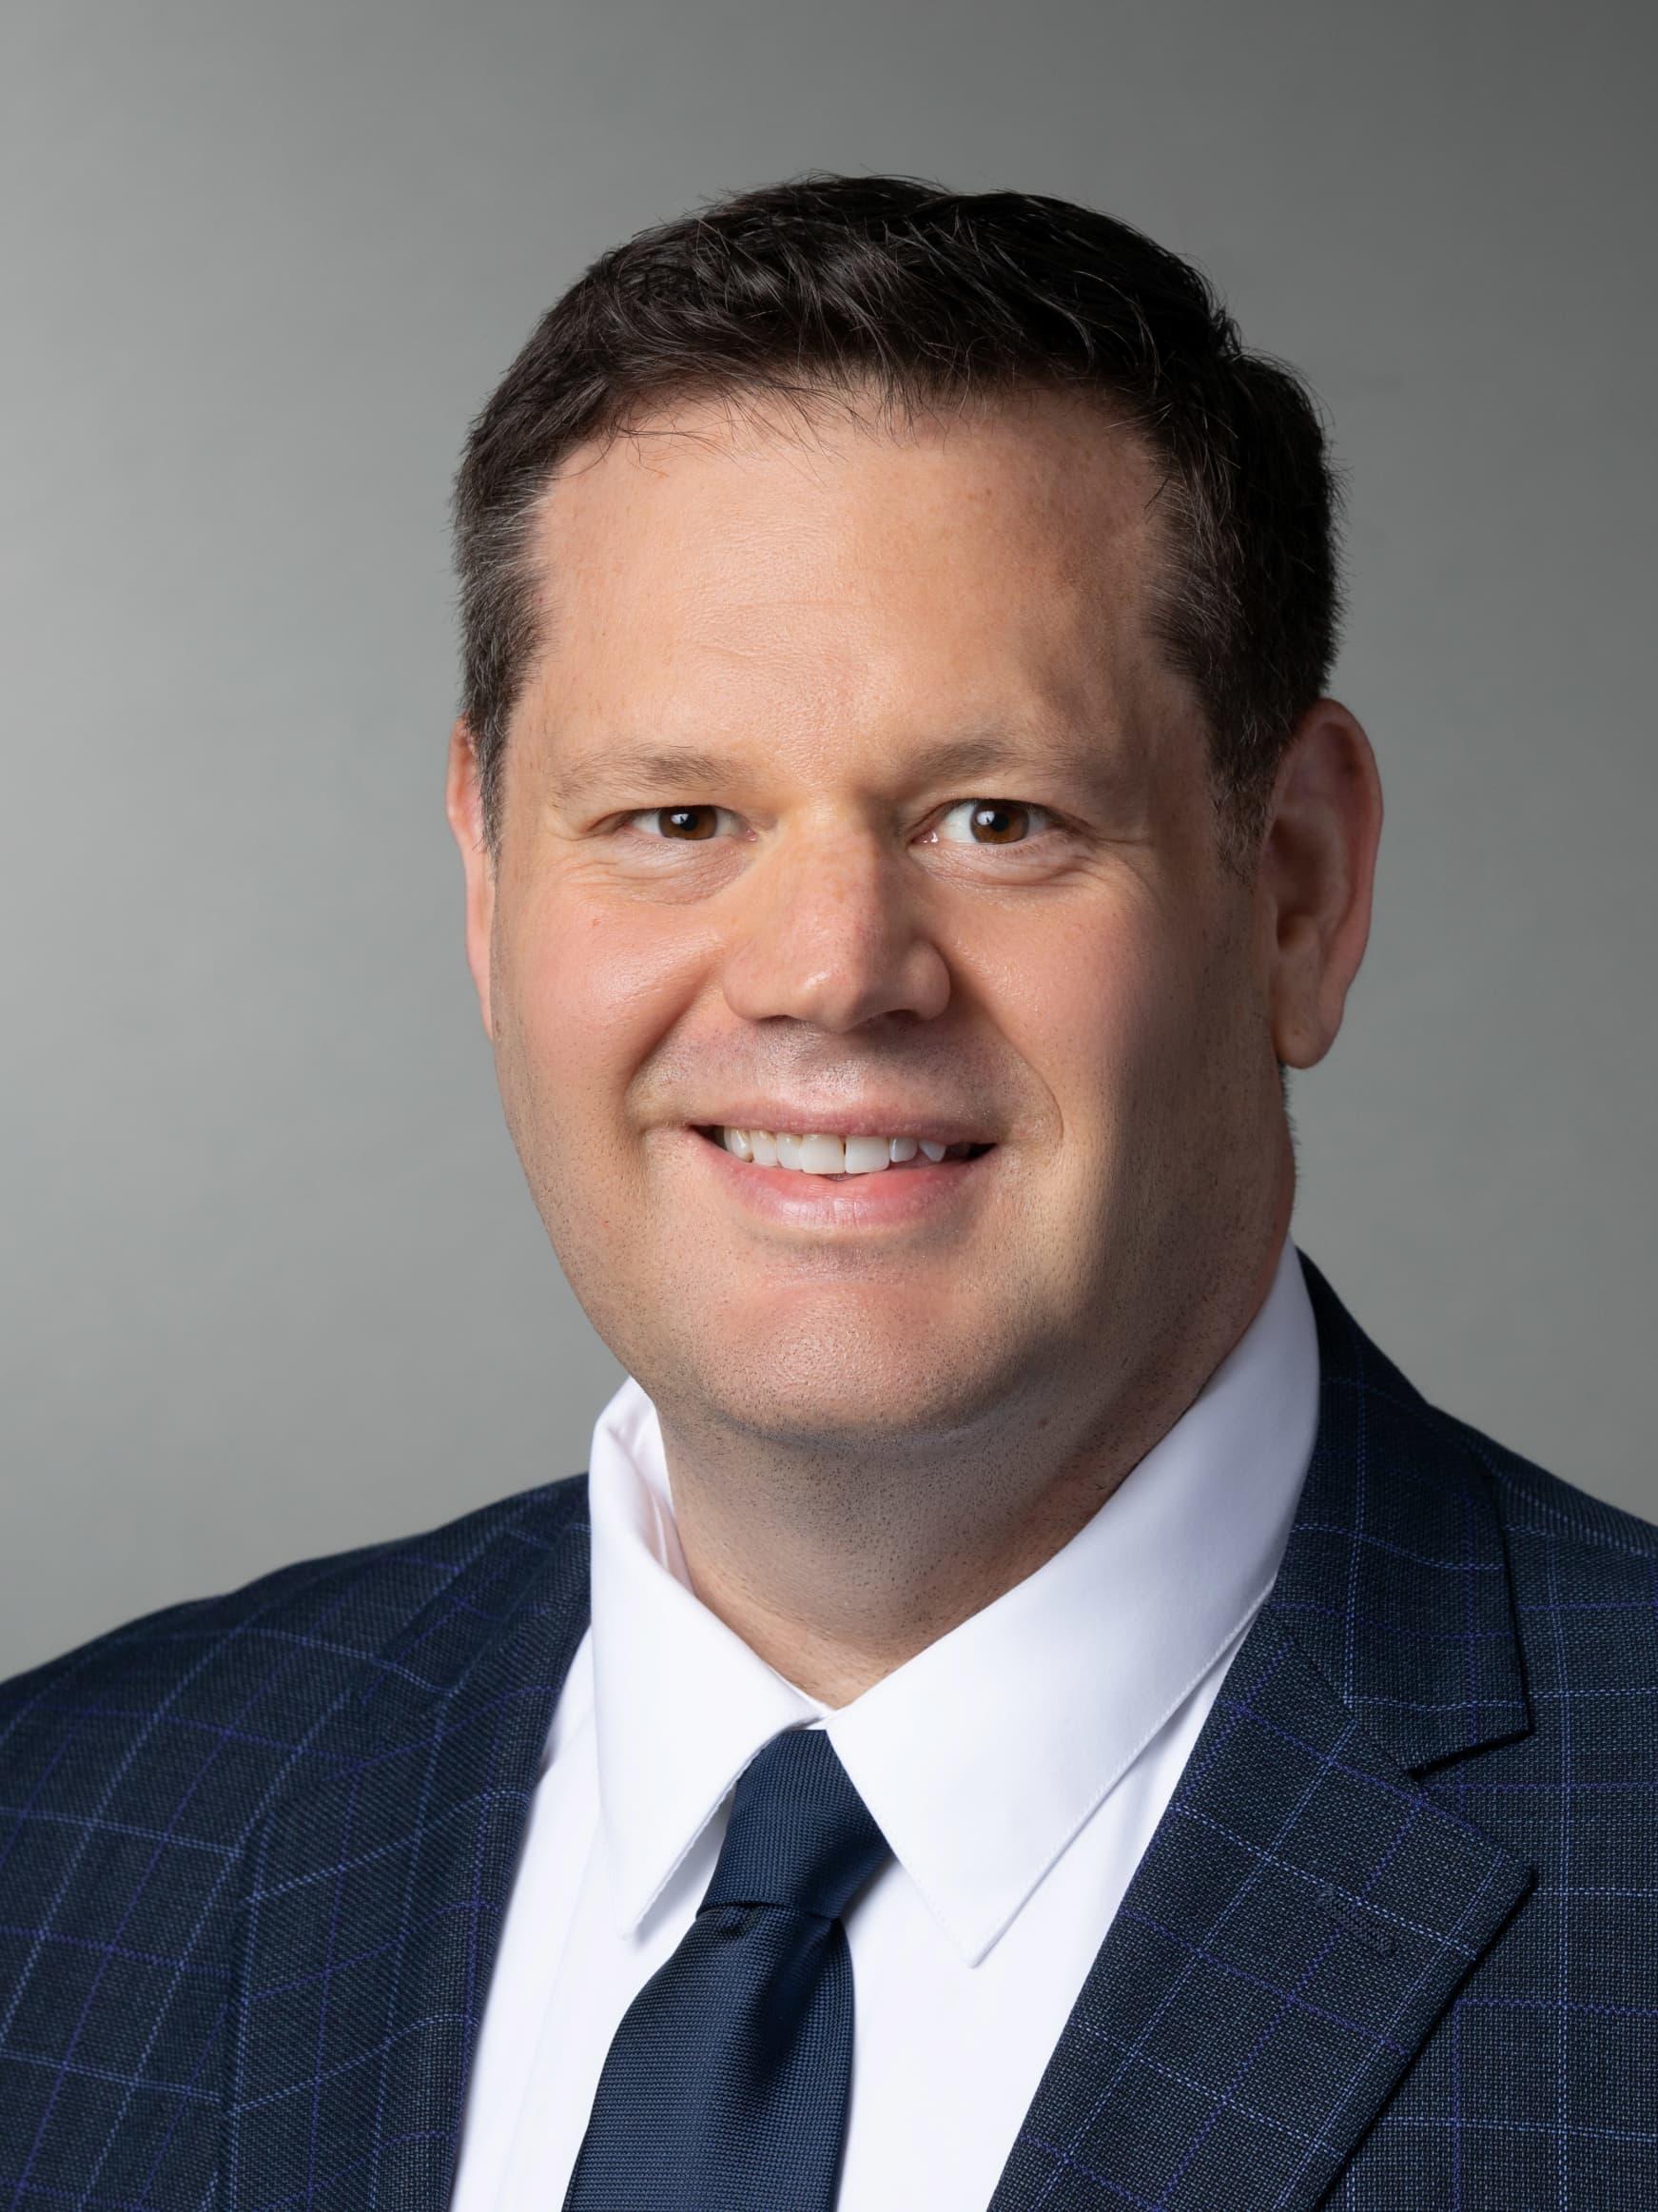 David H Klemanski